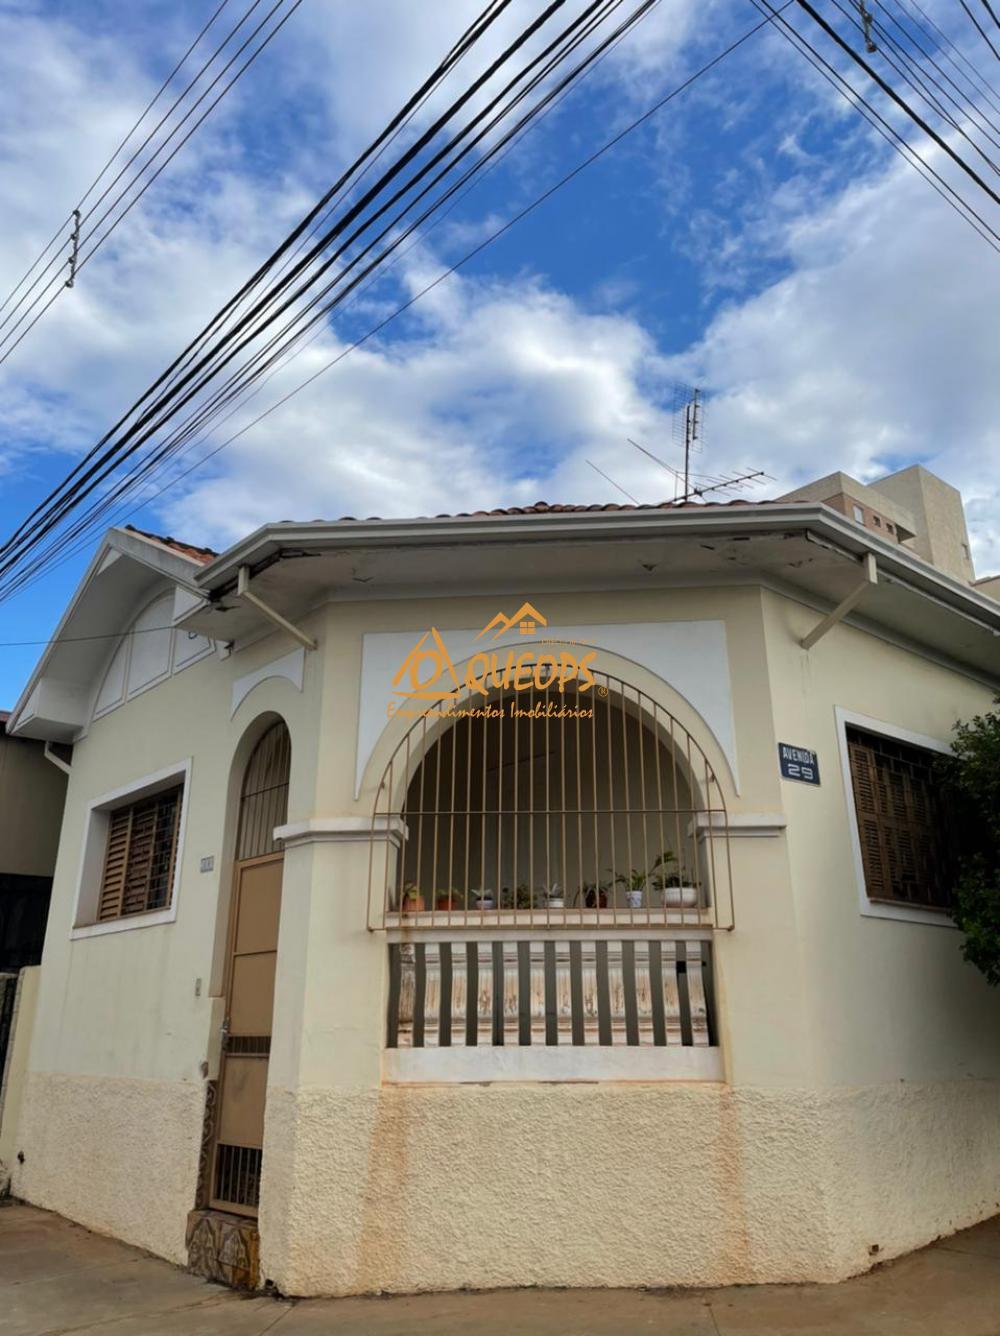 Comprar Casa / Padrão em Barretos R$ 350.000,00 - Foto 1